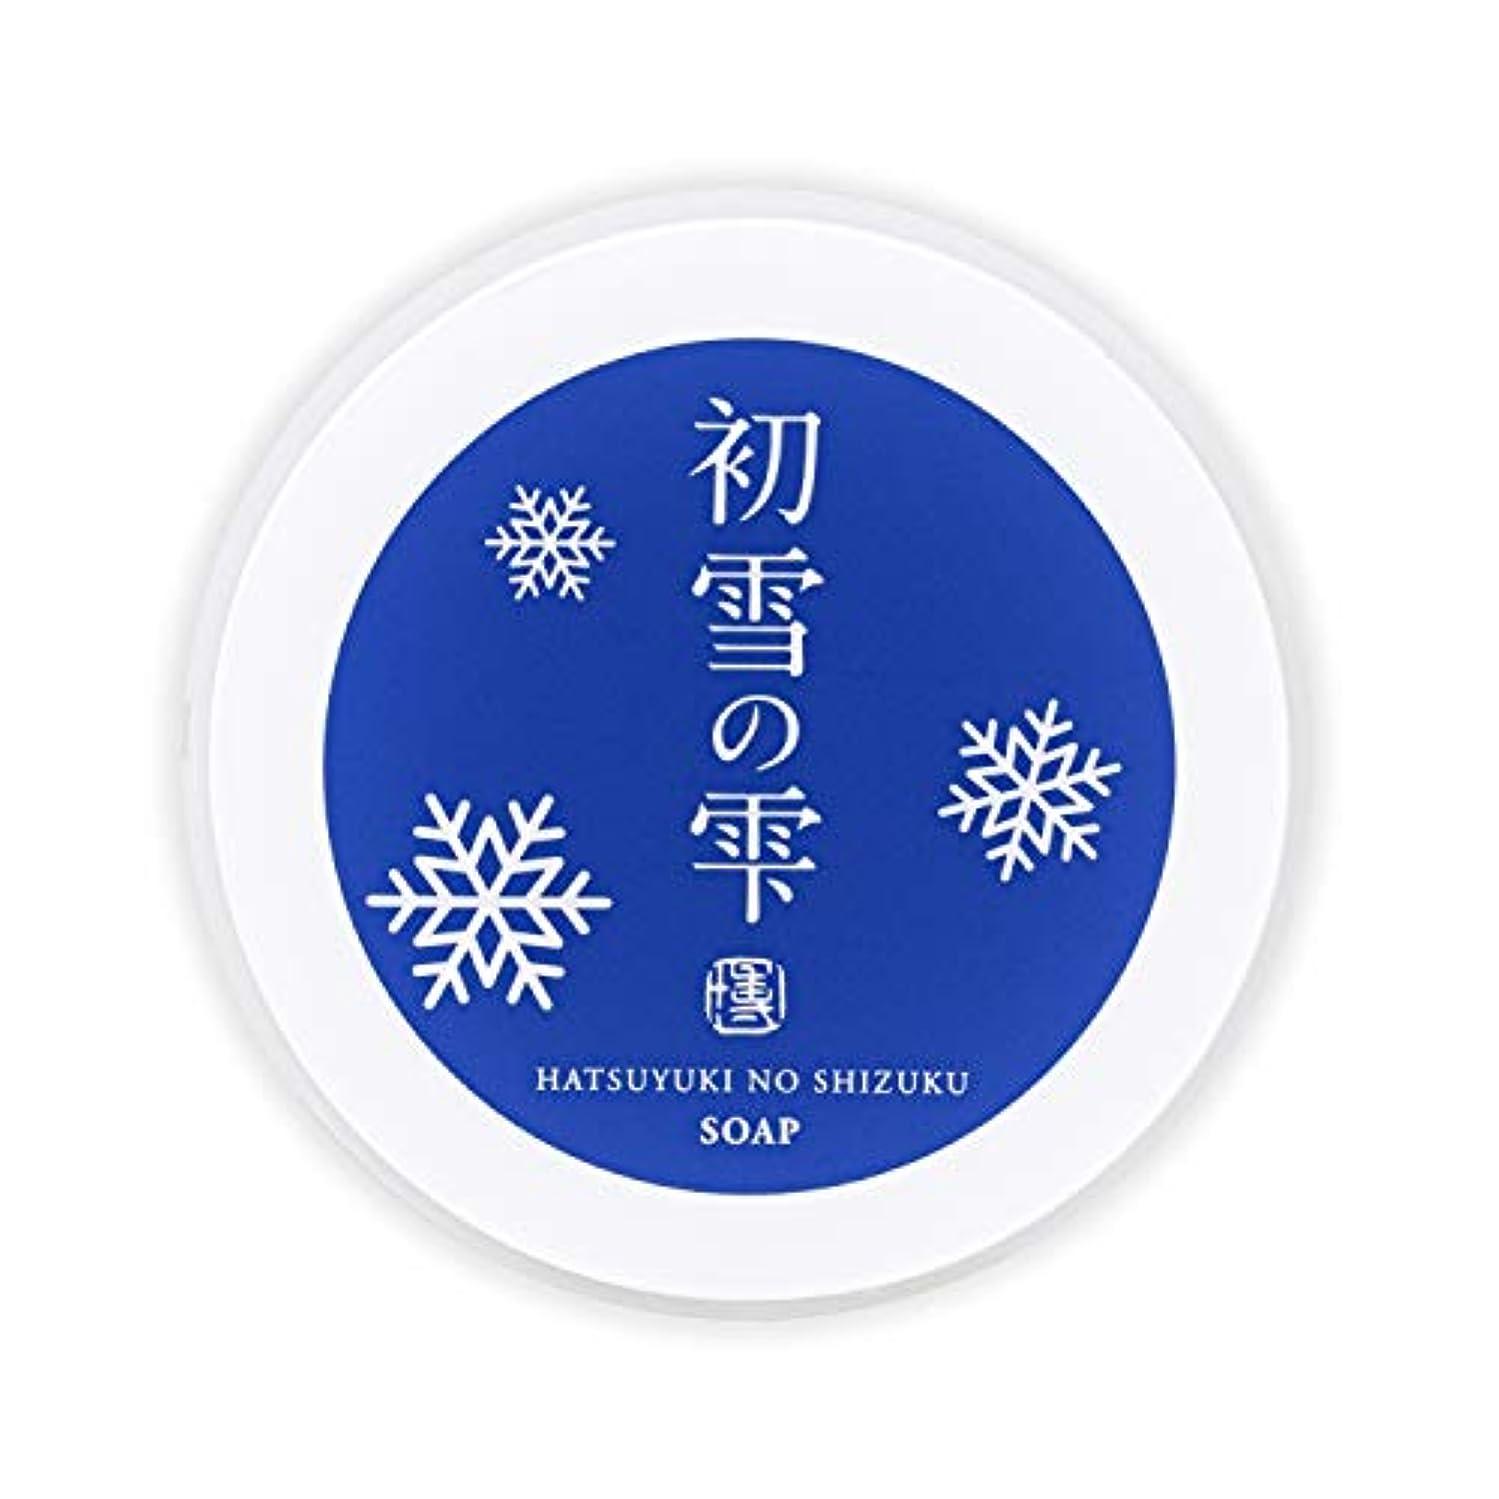 量で哲学緯度初雪の雫 泡 洗顔 練り せっけん ジャータイプ 34g 約2週間分 [プラセンタ ヒアルロン酸 セラミド ビタミンC ]